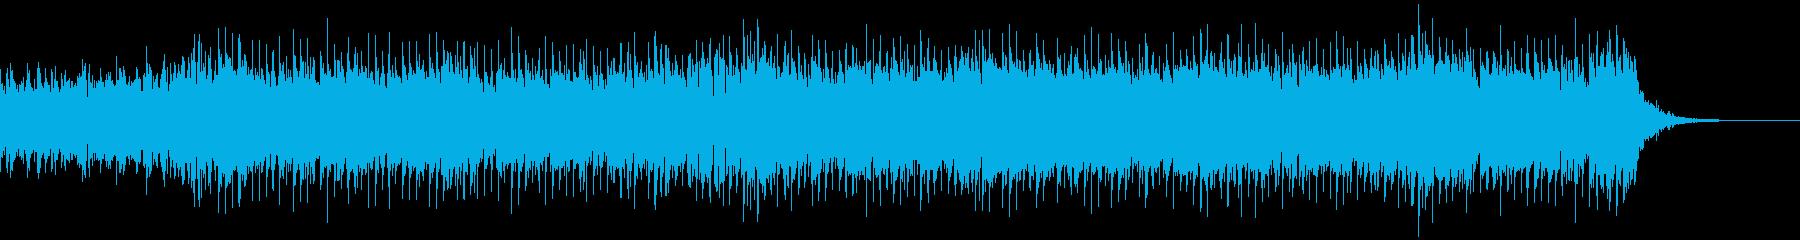 エモい曲ですの再生済みの波形